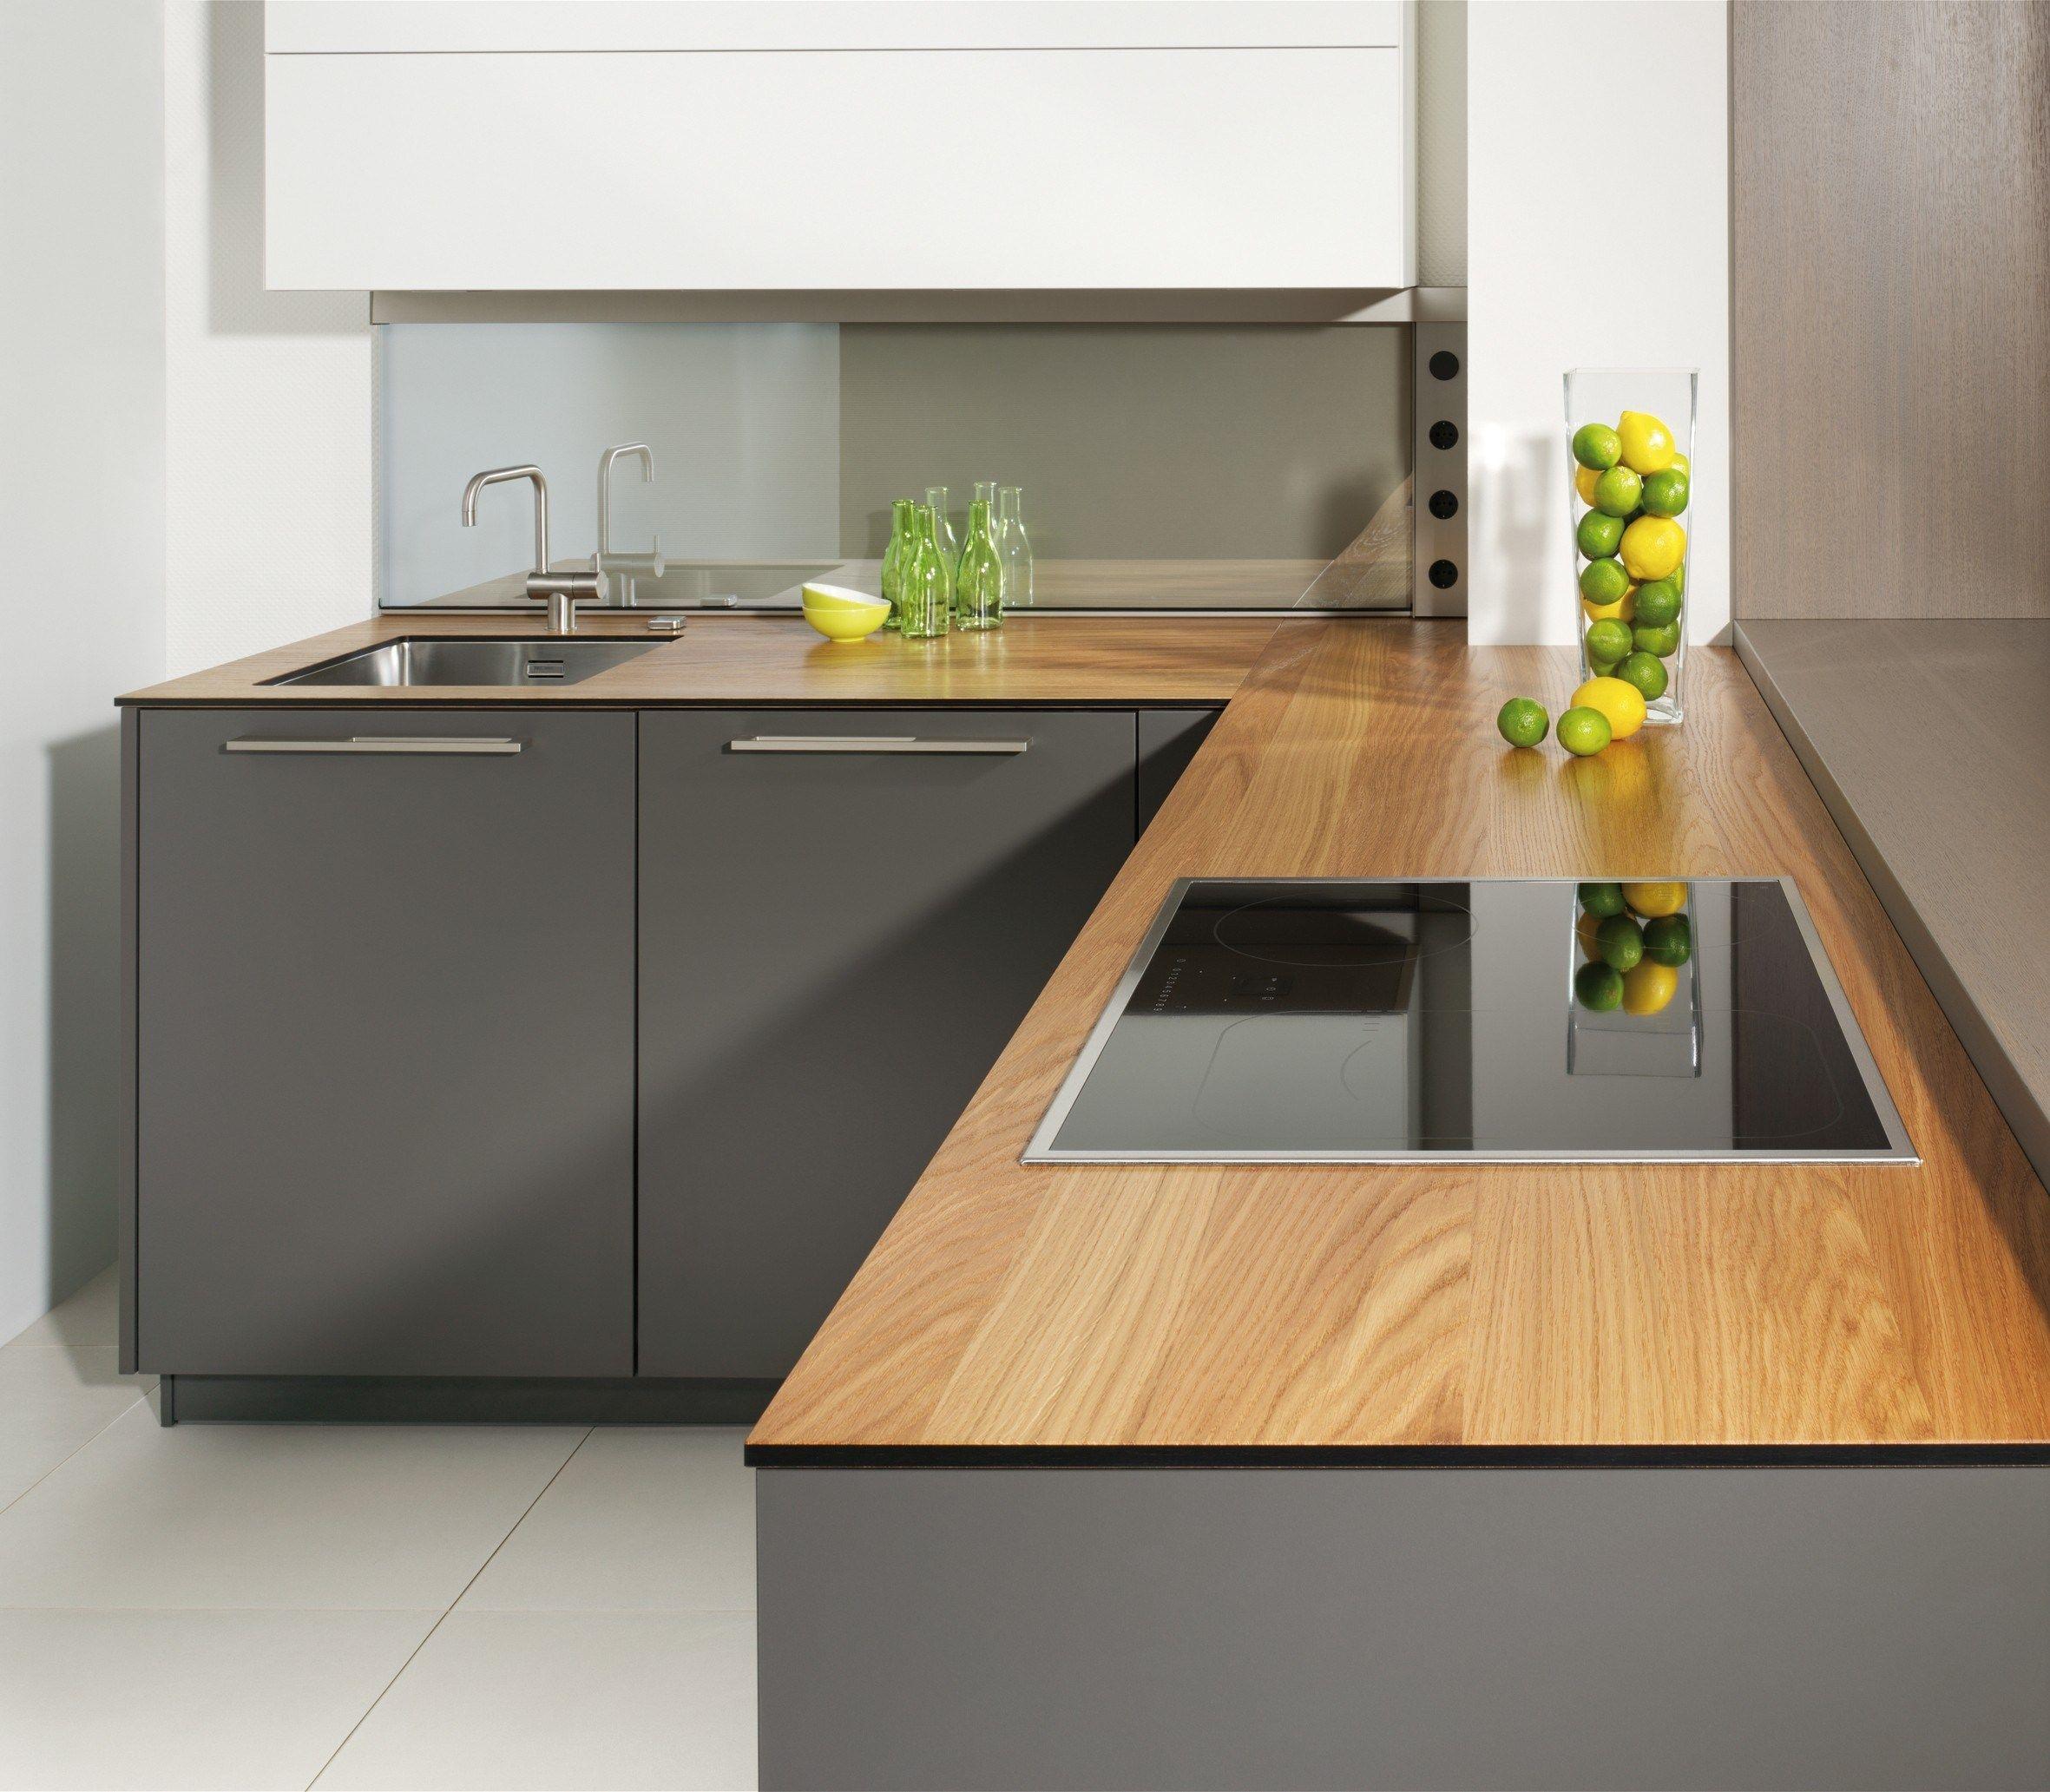 45 Magisches Interieur Best Of Arbeitsplatten Verbindungsschiene Visit Nrhomedesign Club Kitchen Sale Kitchen Remodel Kitchen